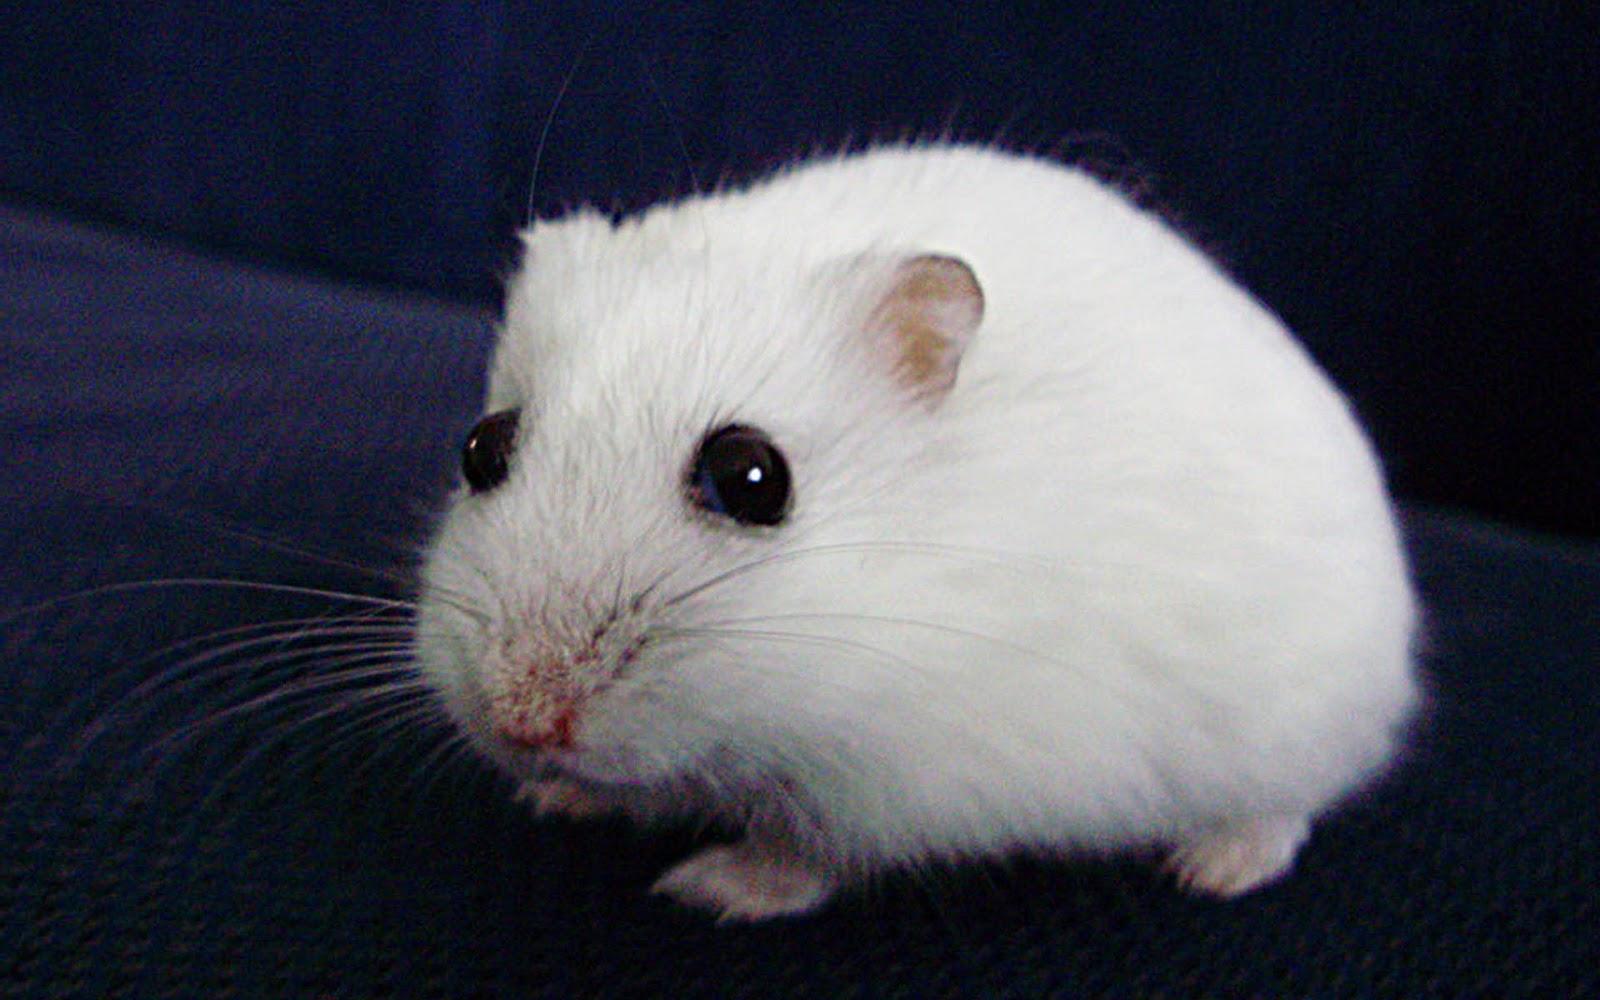 Hamsters achtergronden dieren hd hamster wallpapers foto 7jpg 1600x1000